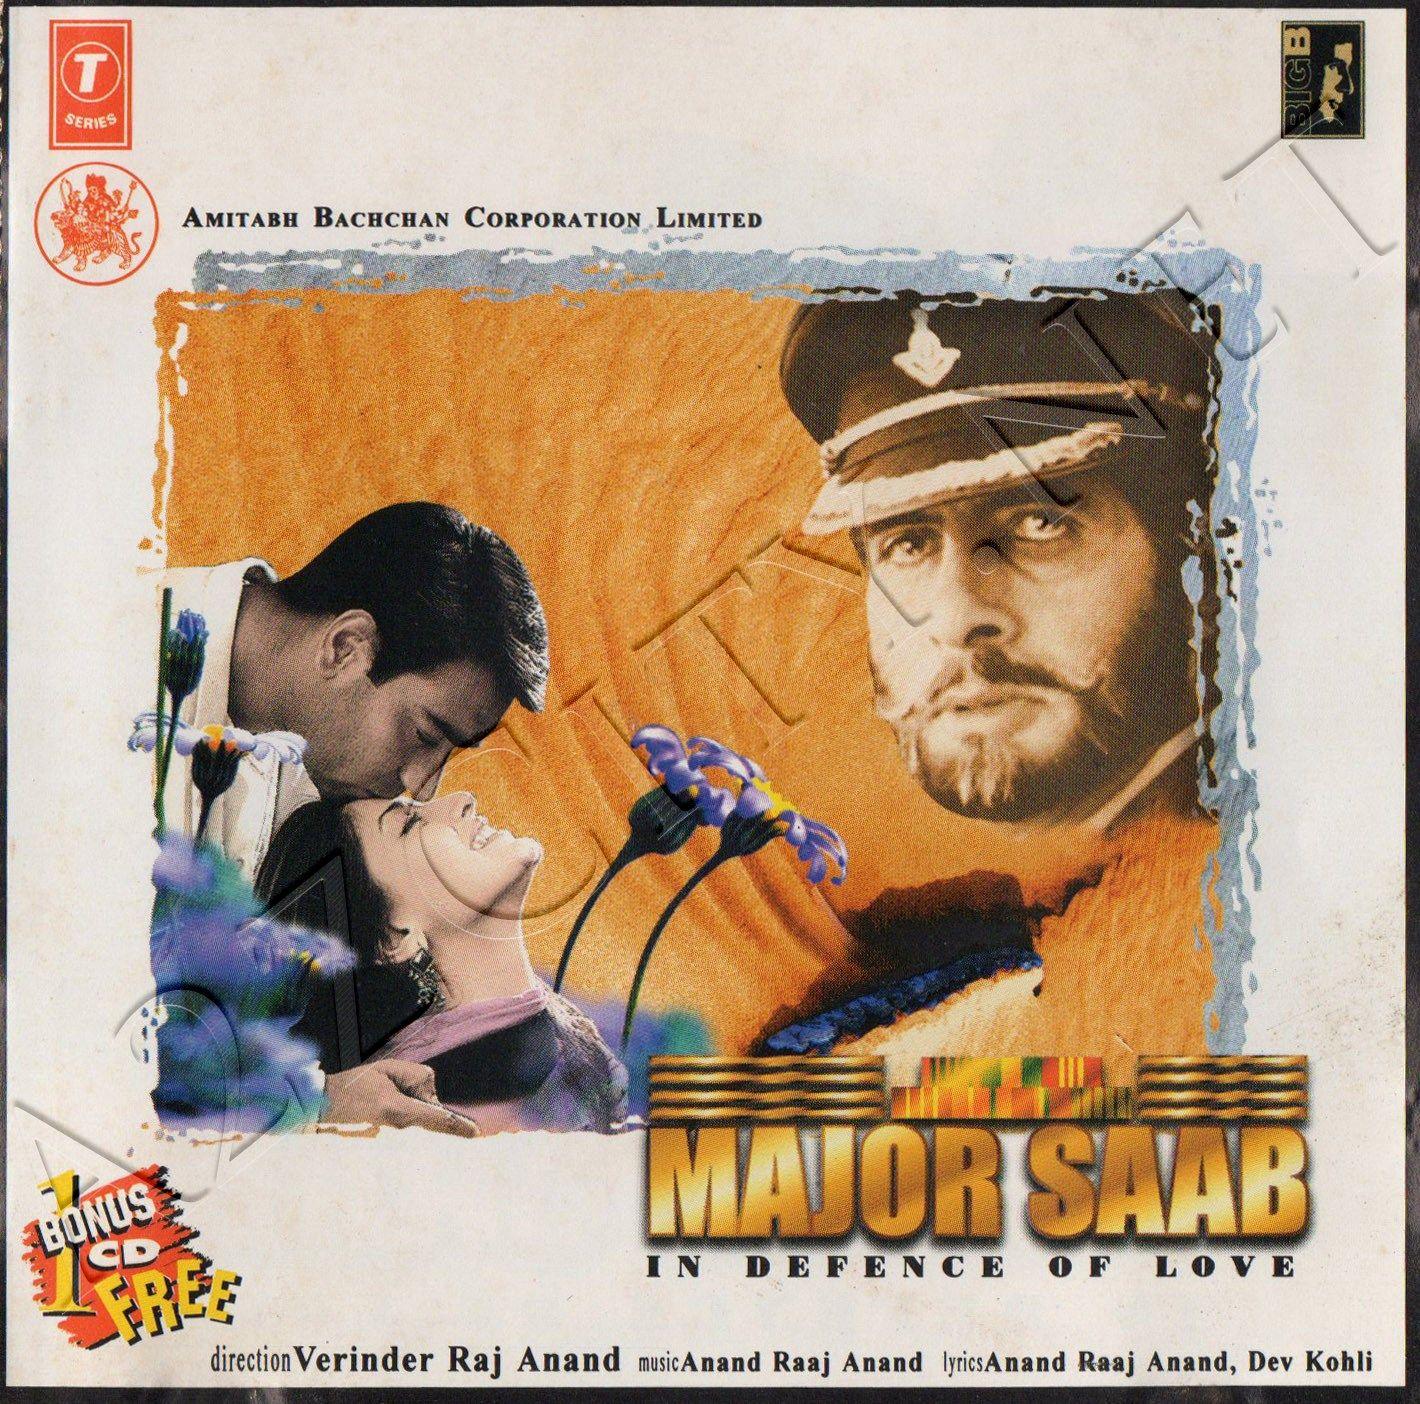 Major Saab 1998 Flac Bollywood Songs Saab Old Movies